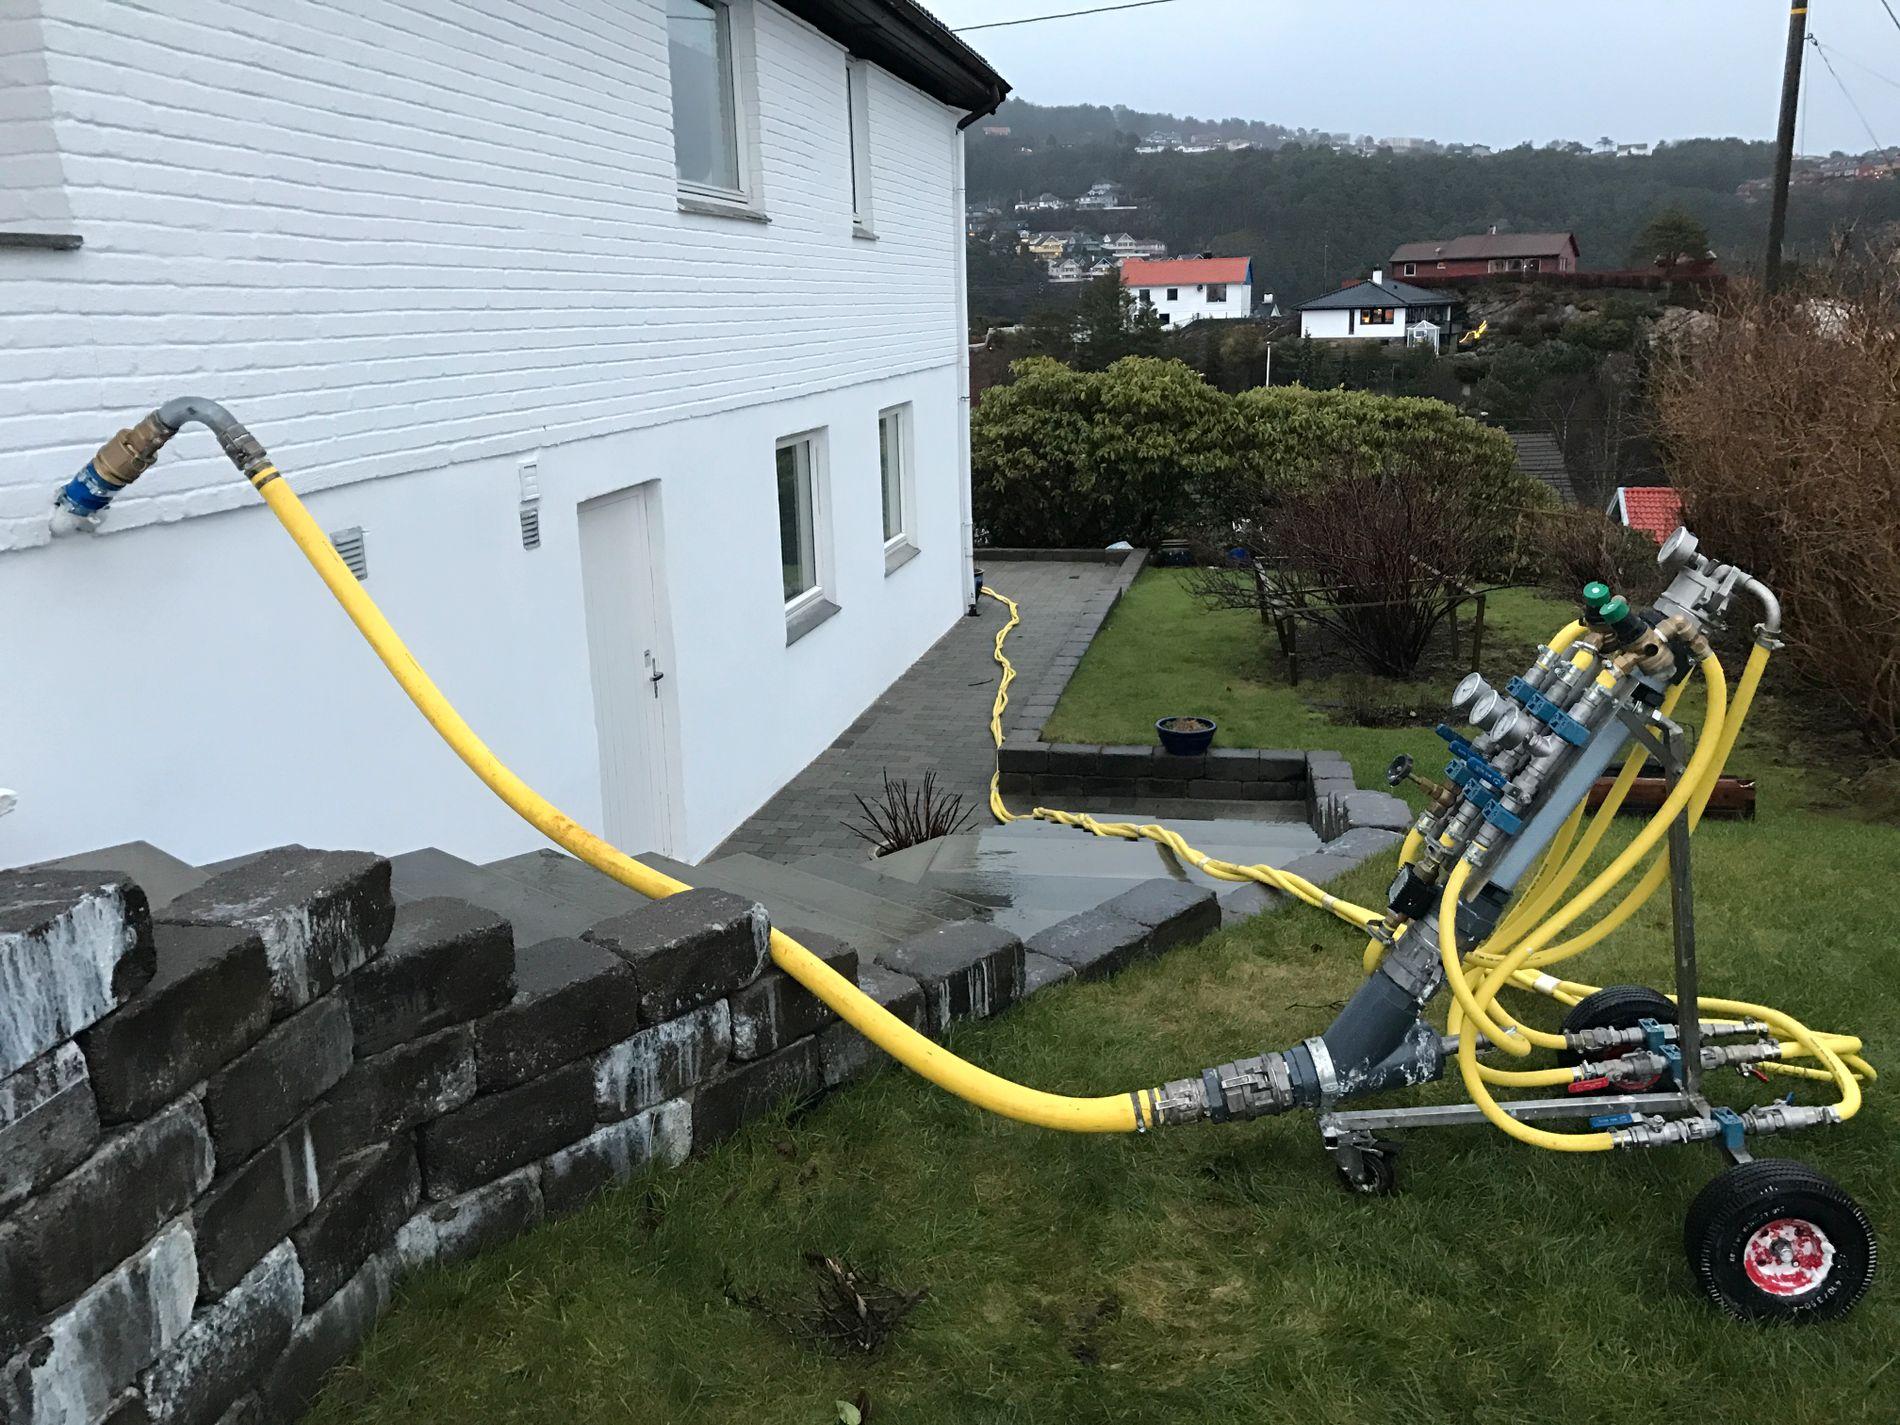 UNIK LØSNING: Som eneste selskap i Norge bruker Nortank en tysk, gravefri metode for å sikre oljetanker.